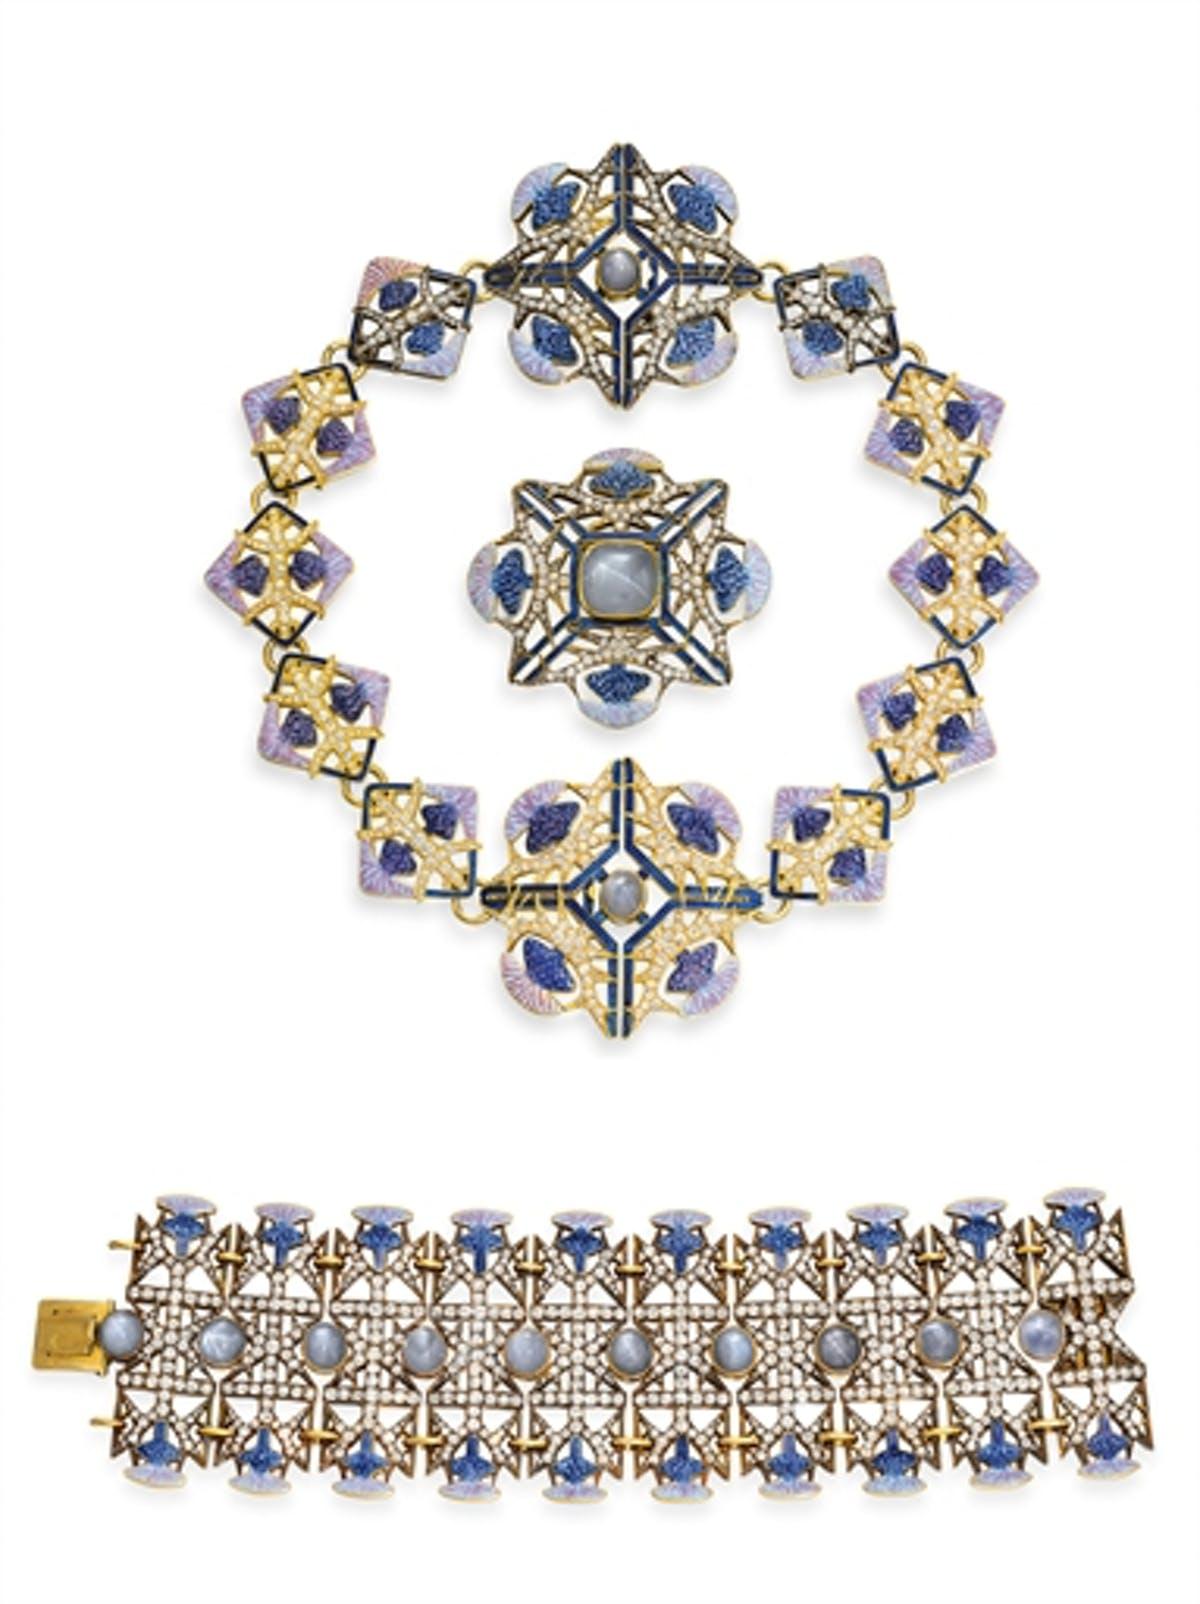 """RENÉ LALIQUE. Conjunto """"Thistle"""" en oro y esmalte en azul. Diseñado en 1900. Imagen vía: Barnebys"""